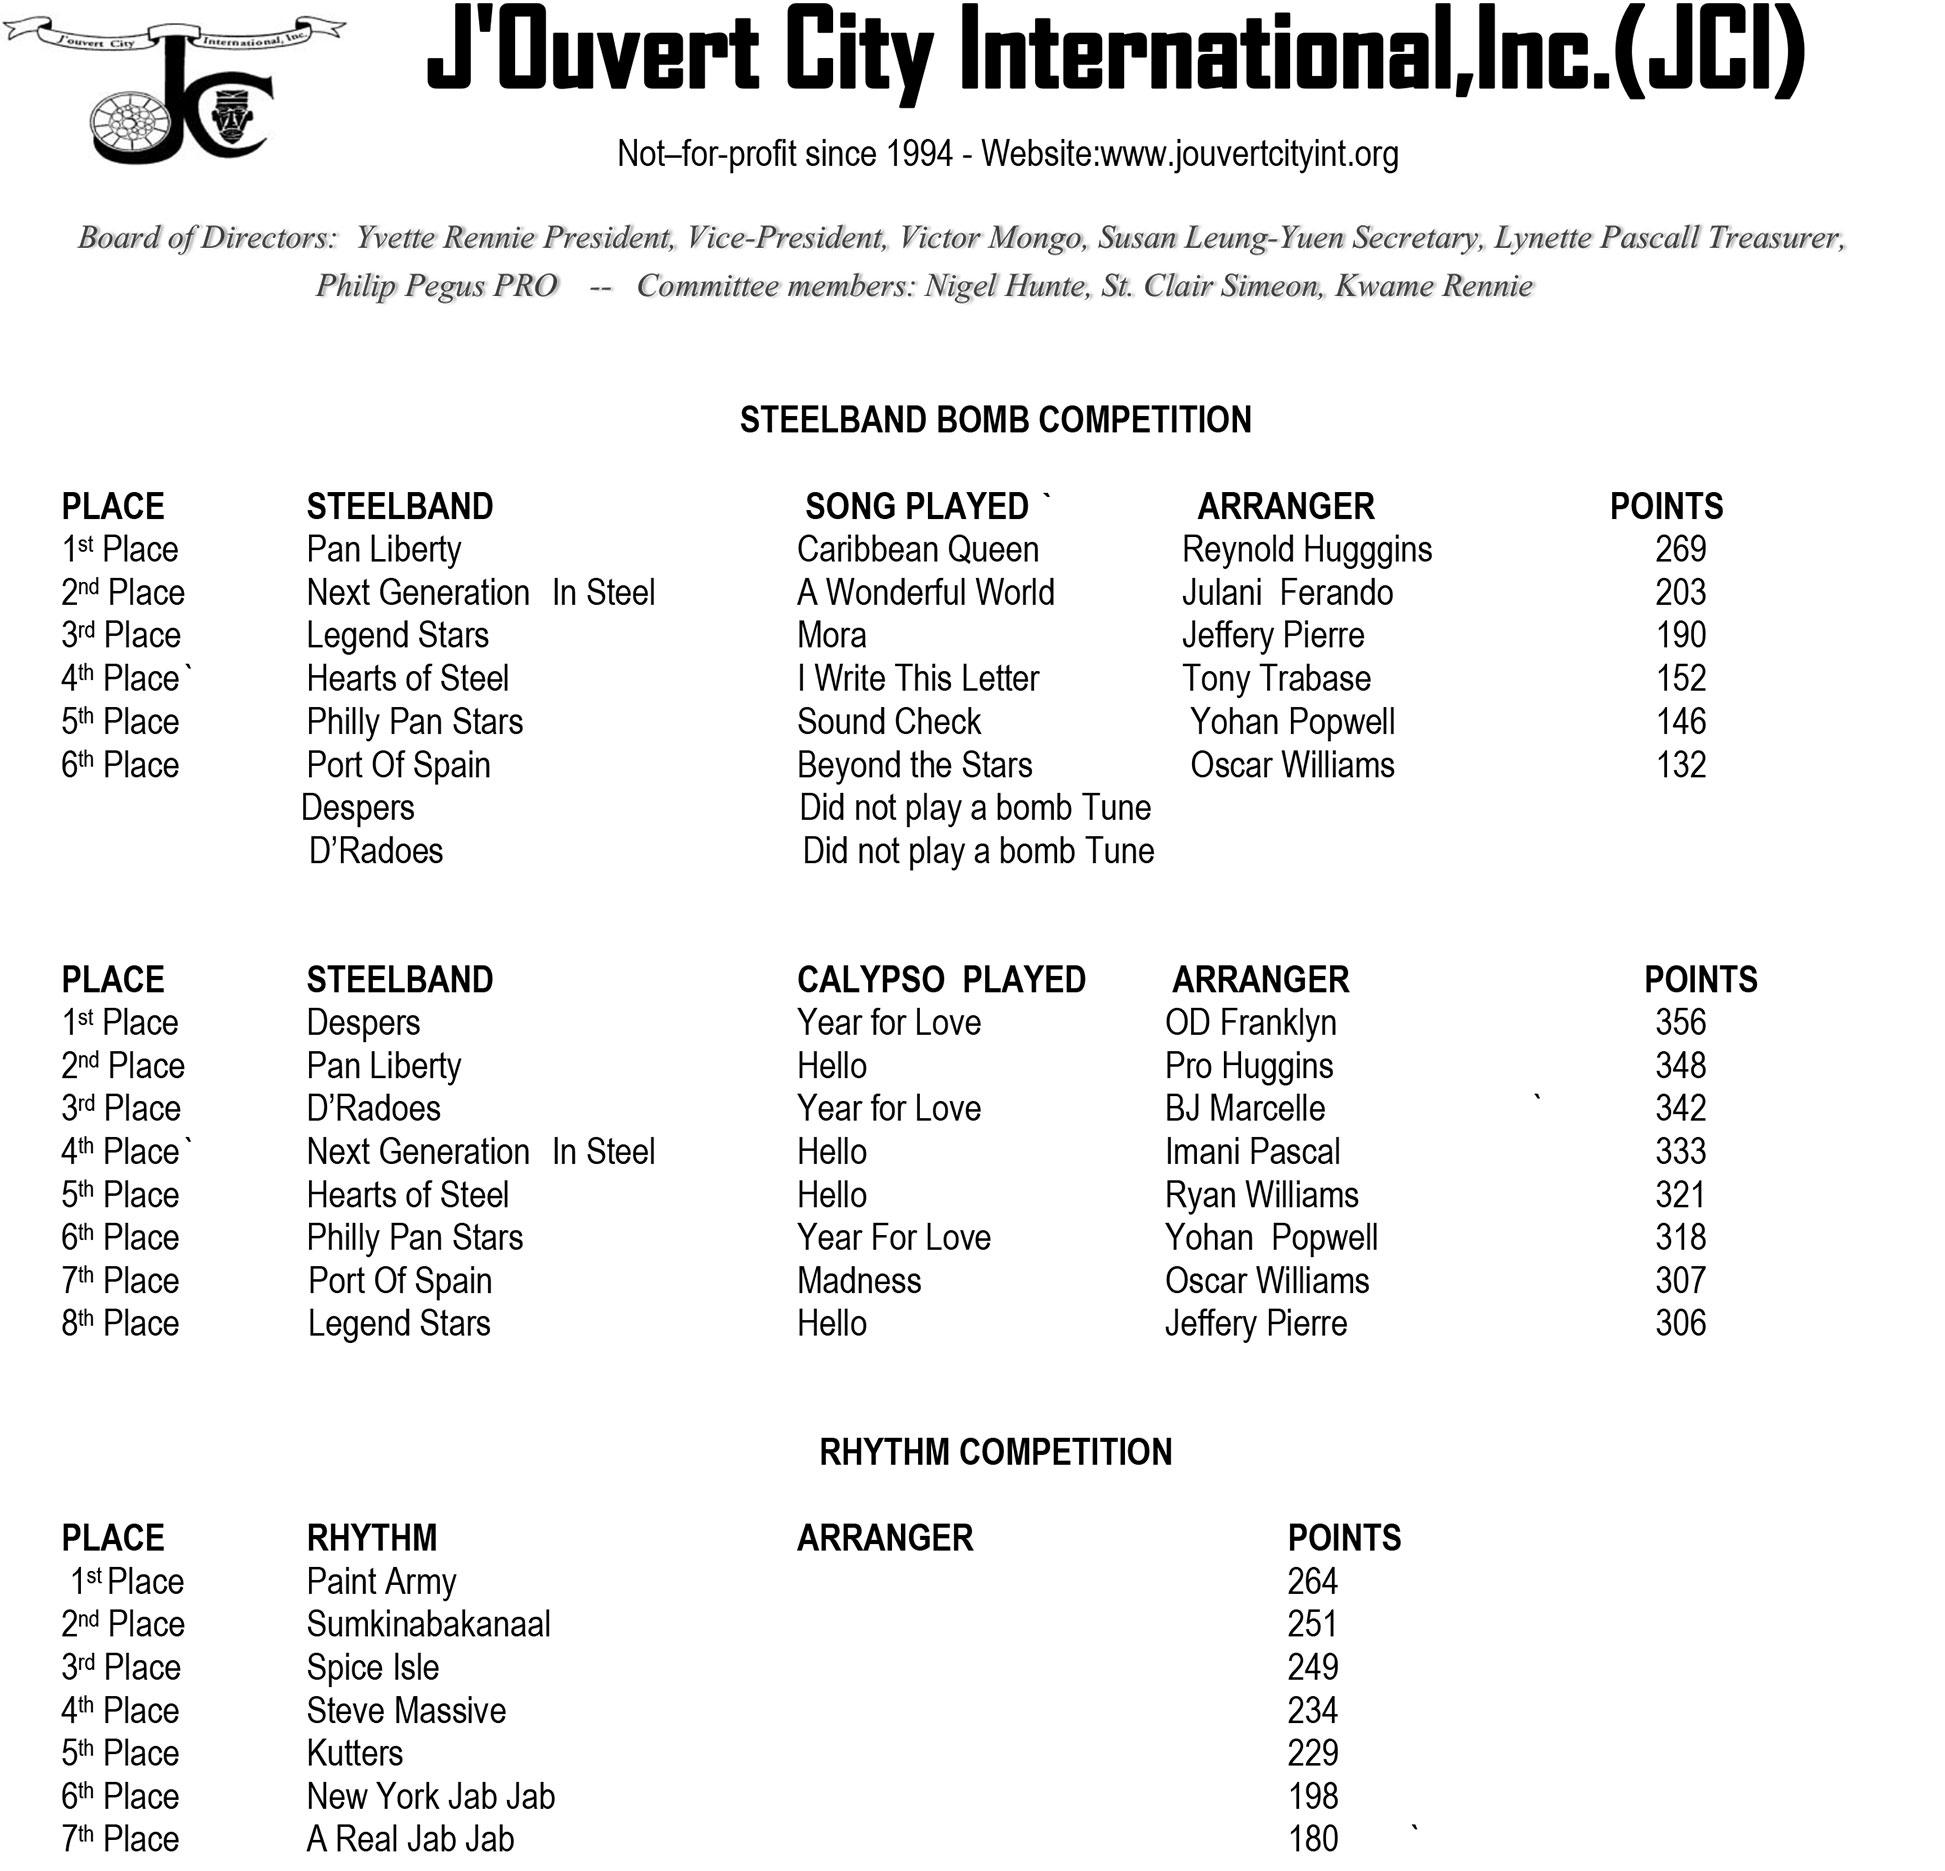 JCI-results-2018-11-4.jpg